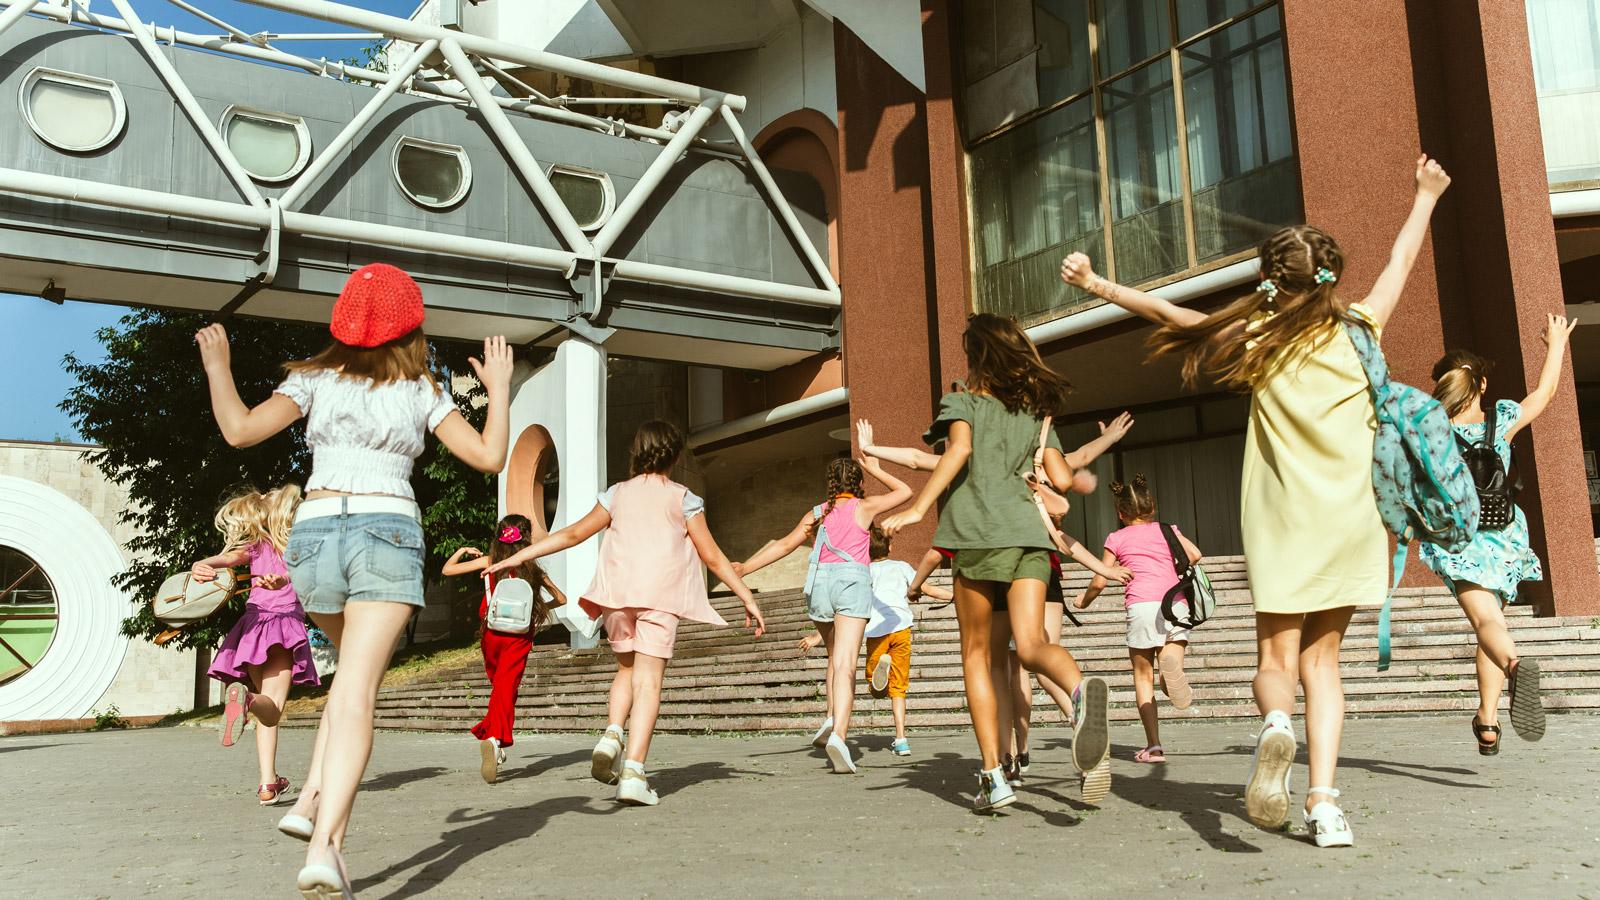 City break, czyli polskie wakacje 2020 urlop medairun dzieci miasto wakacje urlop 2020